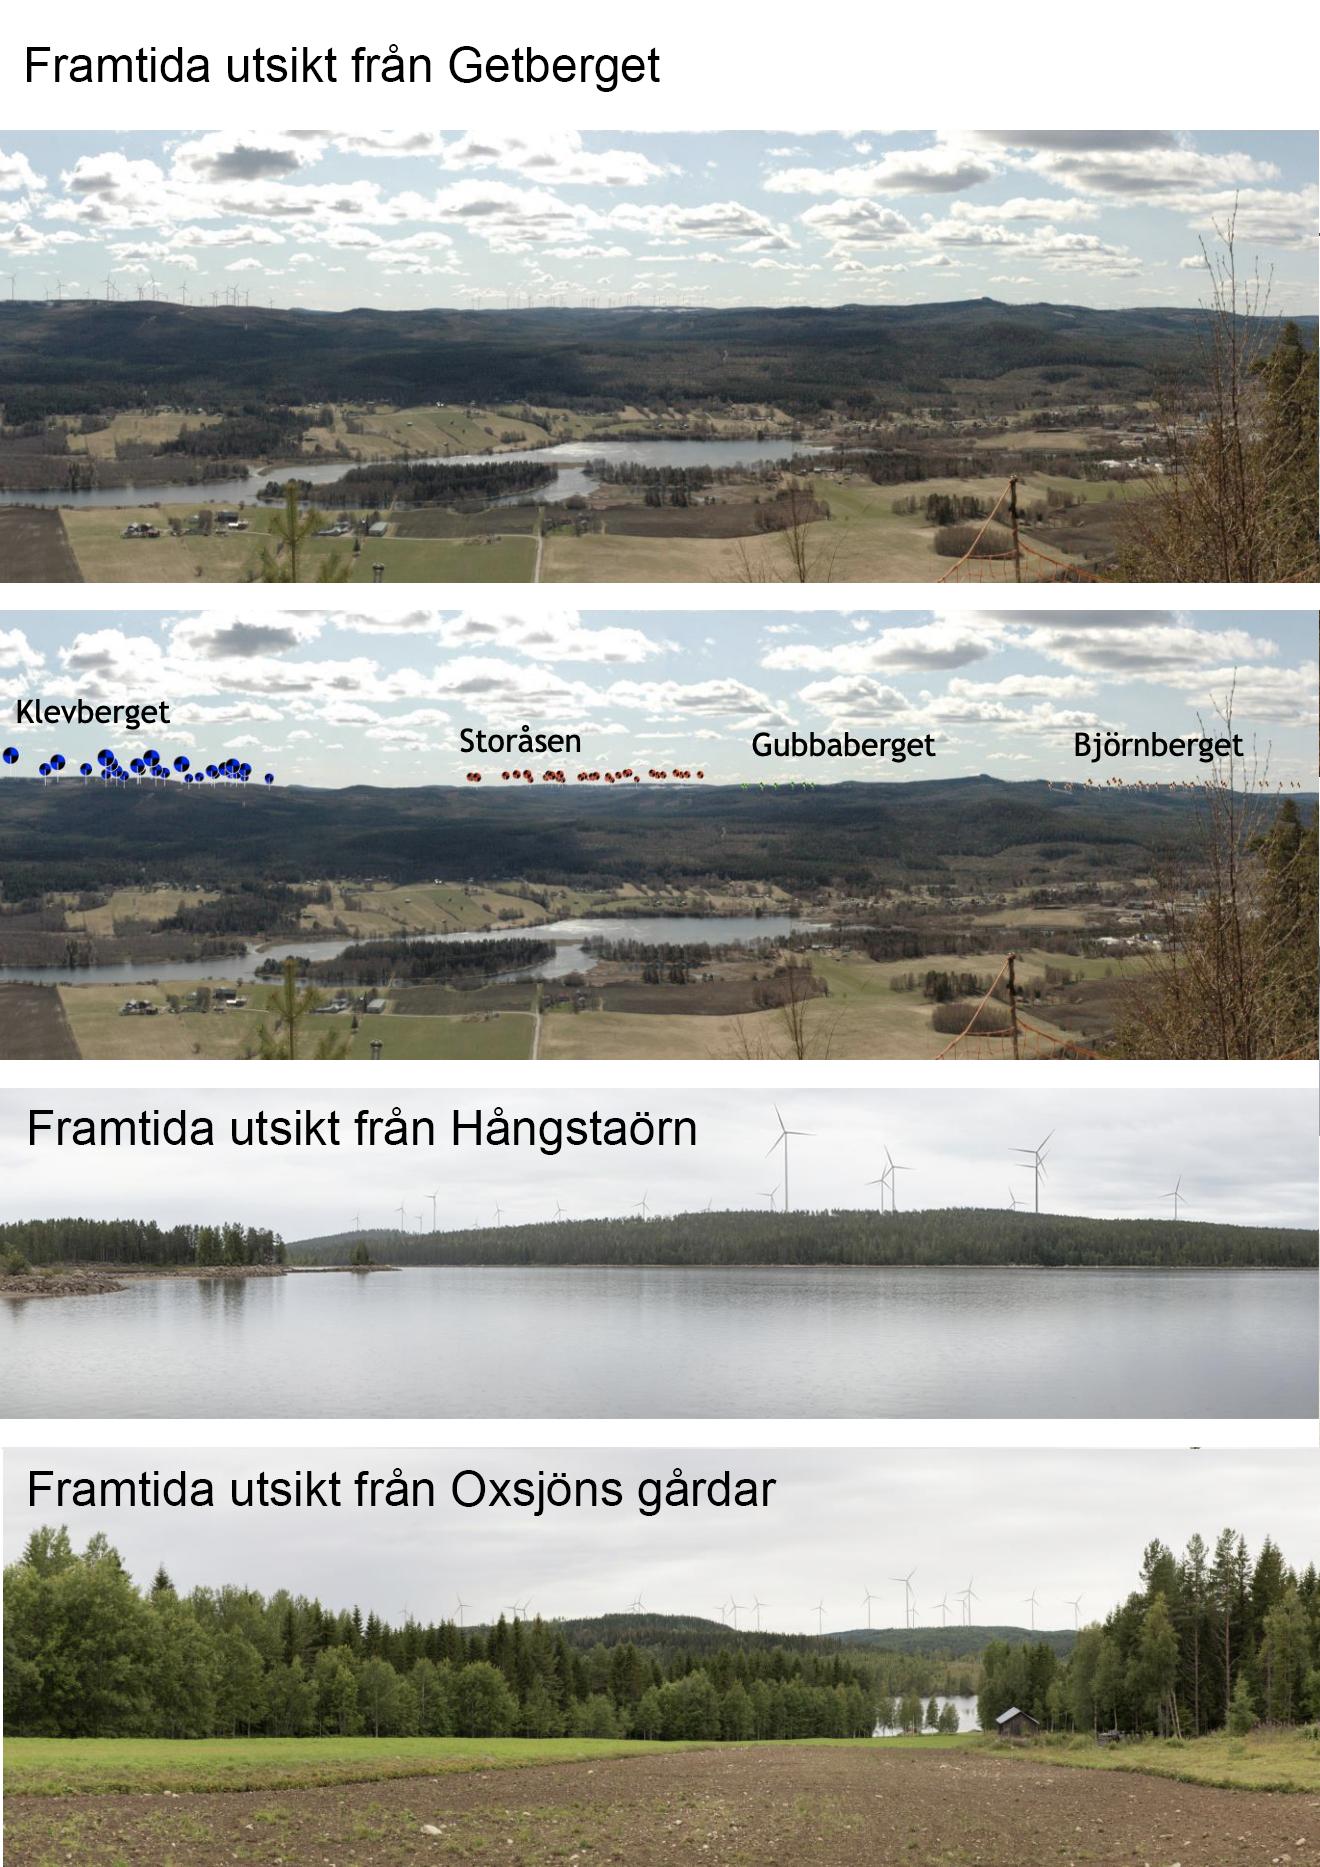 Framtida utsikter från Getberget, Hångstaörn och Oxsjön